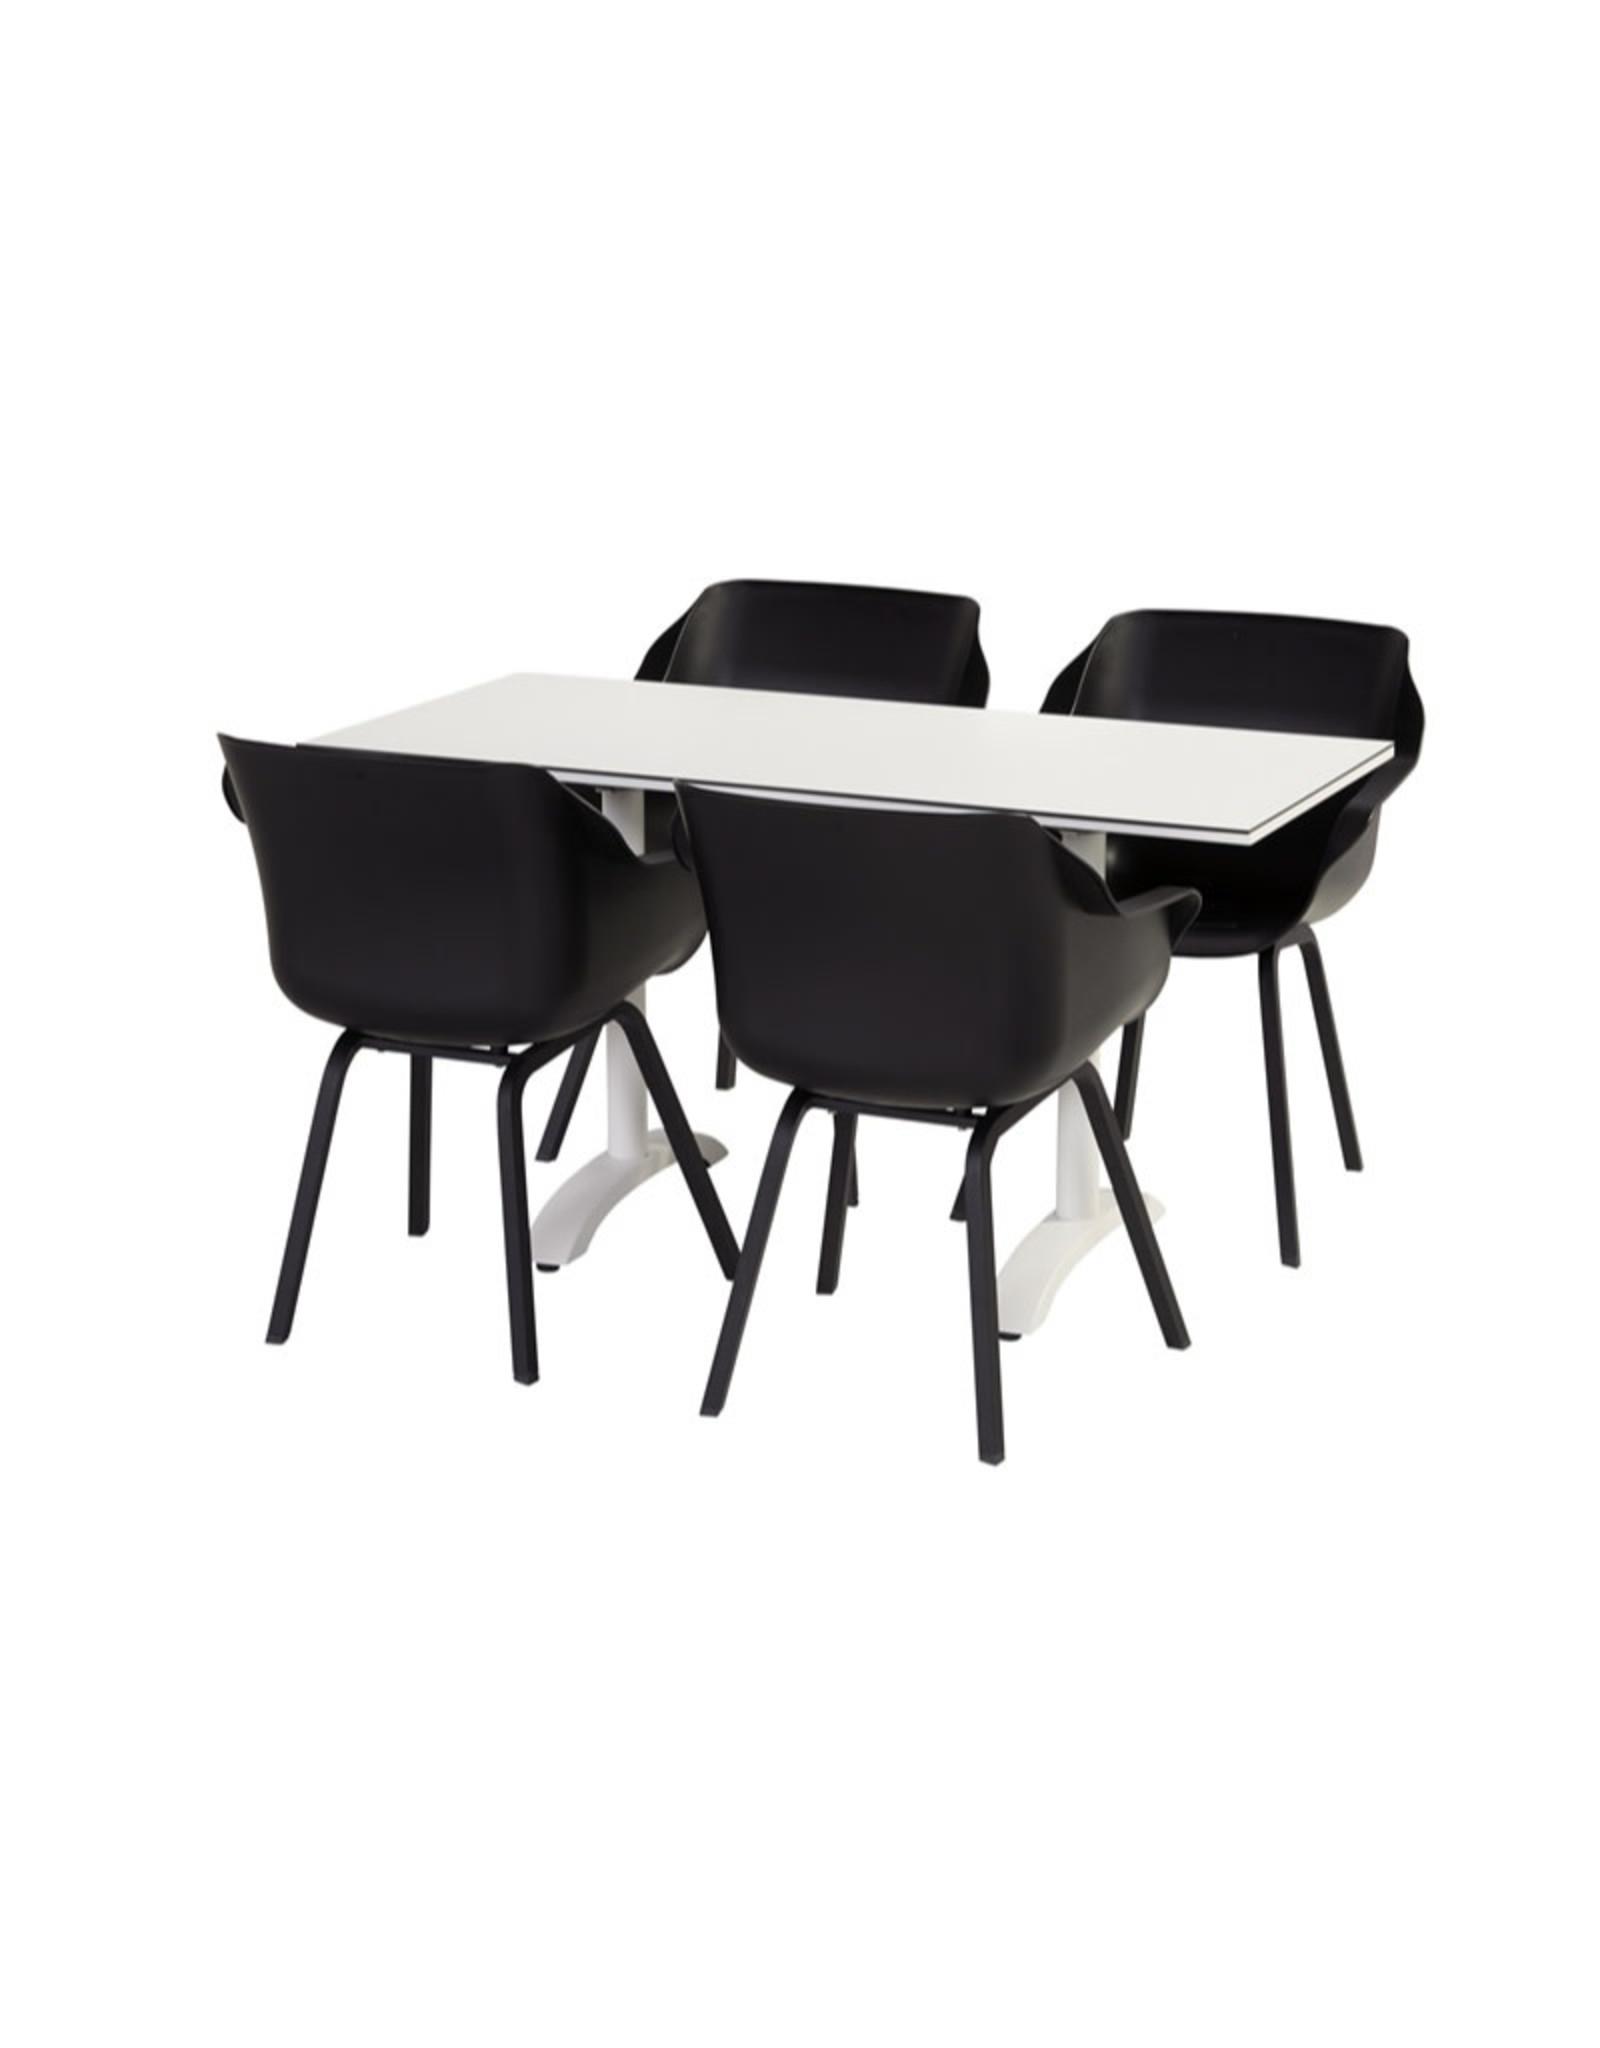 Hartman Hartman Sophie HPL Bistro Table 138x68x75cm with flip function